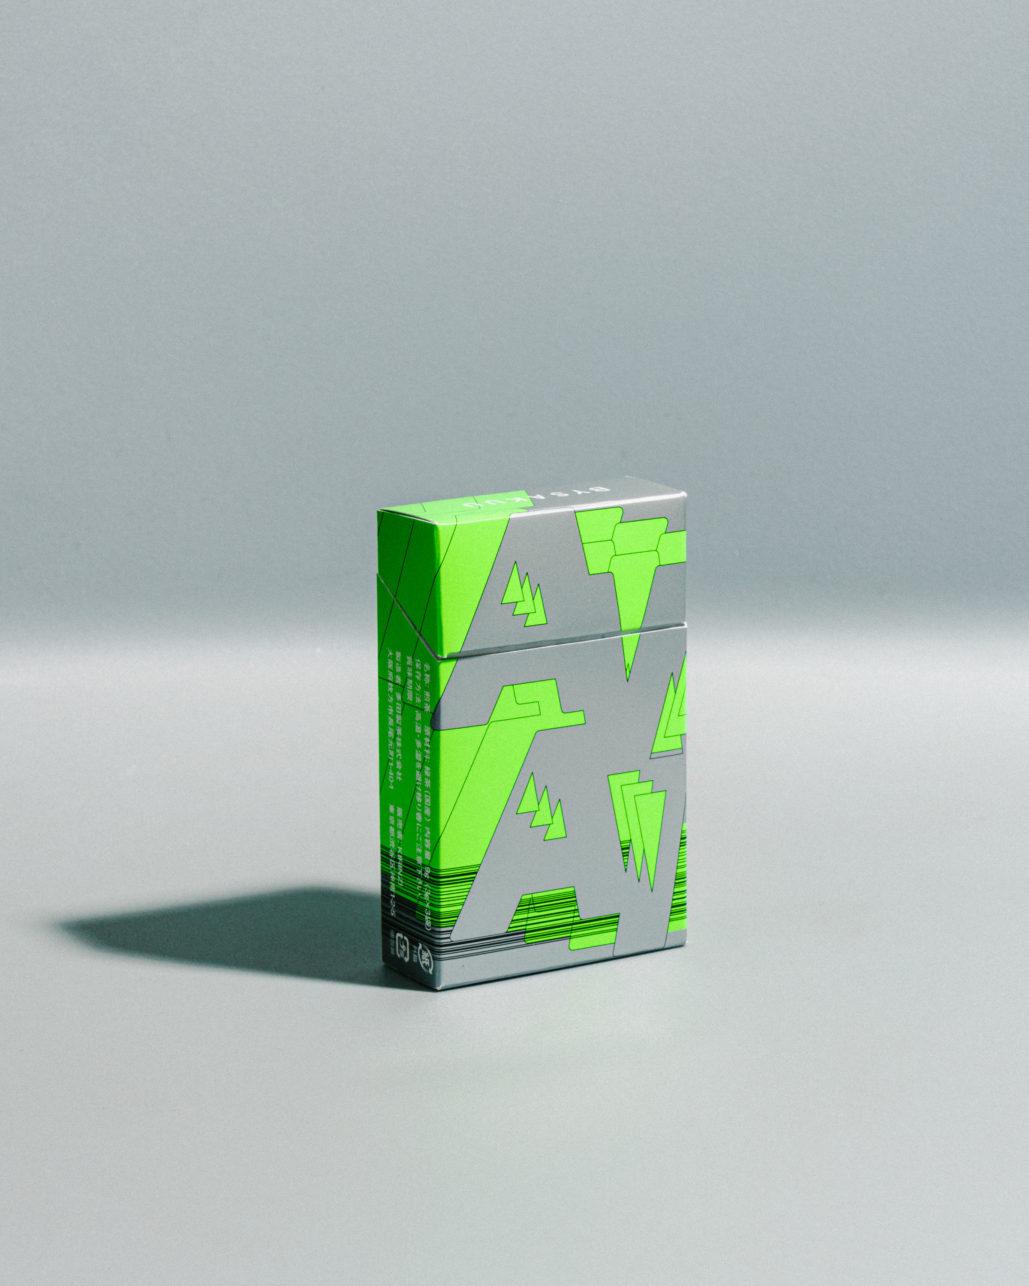 """コミュニケーションをテーマにお茶を提案するプロジェクト""""BYSAKUU バイサクウ""""第二弾が2021年7月20日に発売!"""